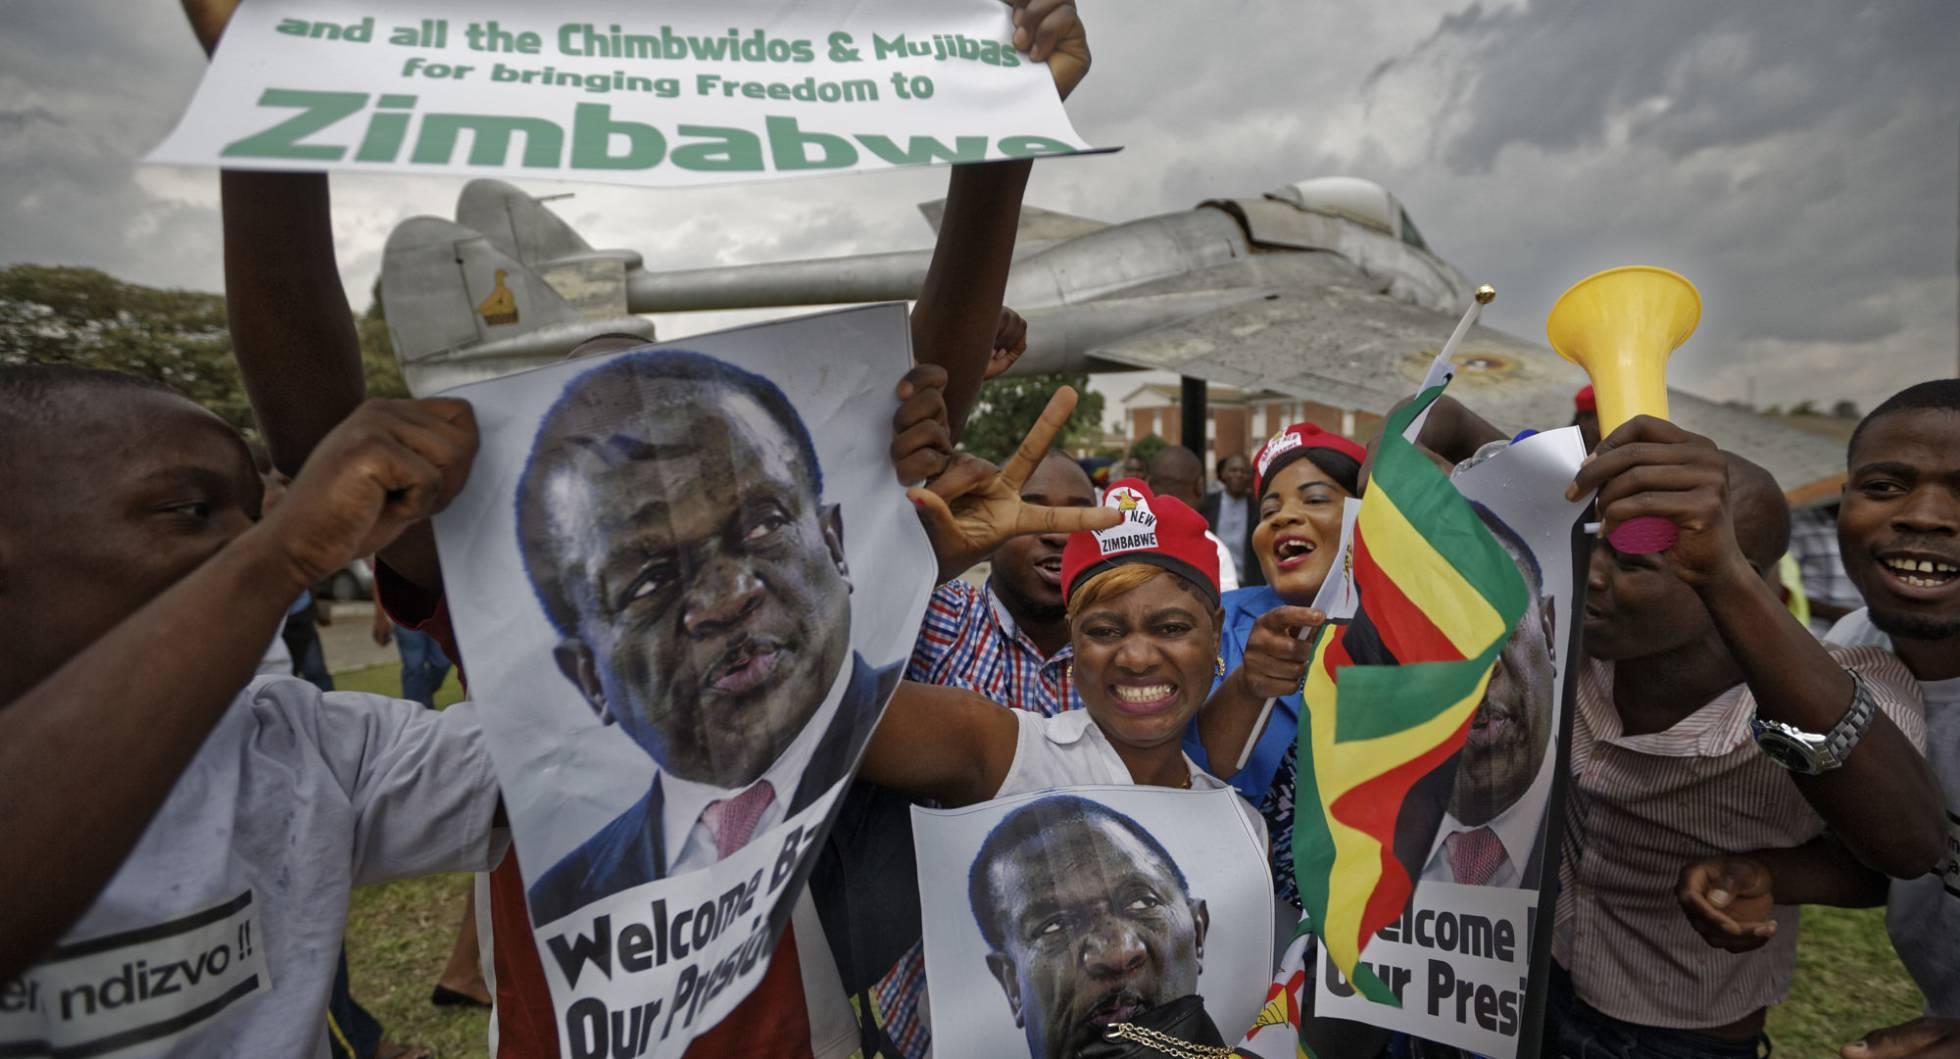 Nace una nueva era en Zimbabue